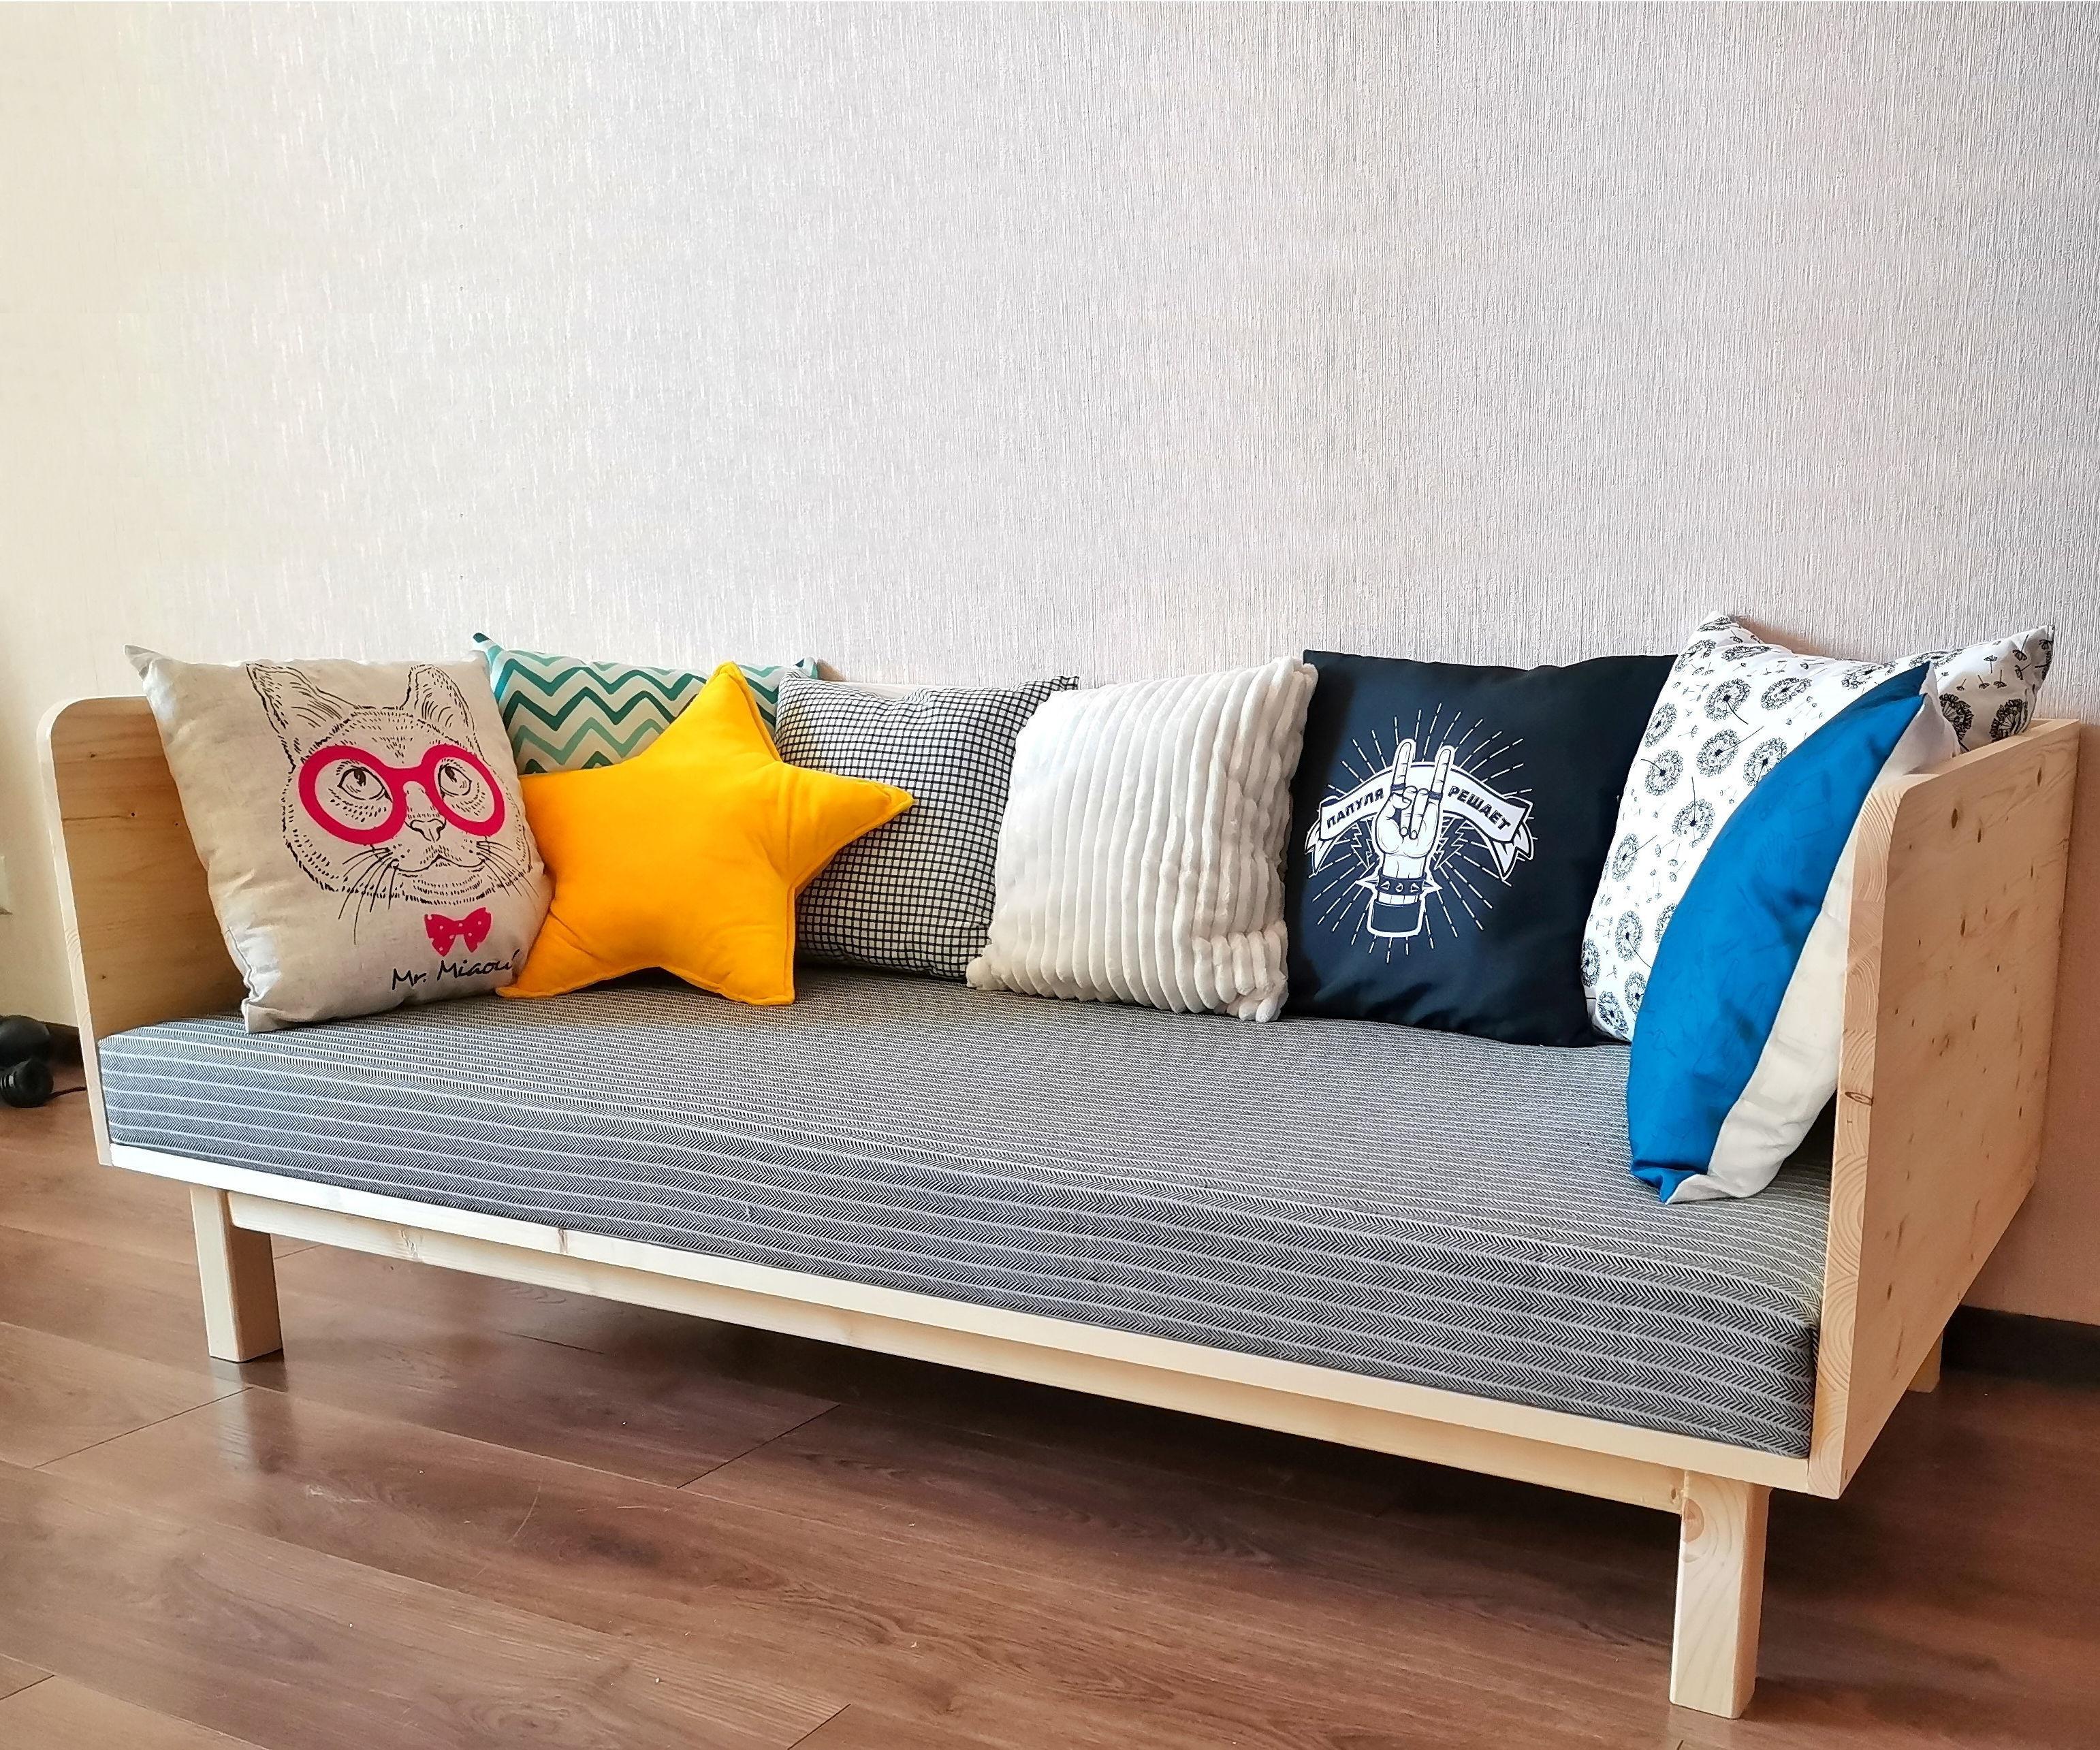 Small and Cute, HomeMade Modern DIY Sofa | Minimum Tools